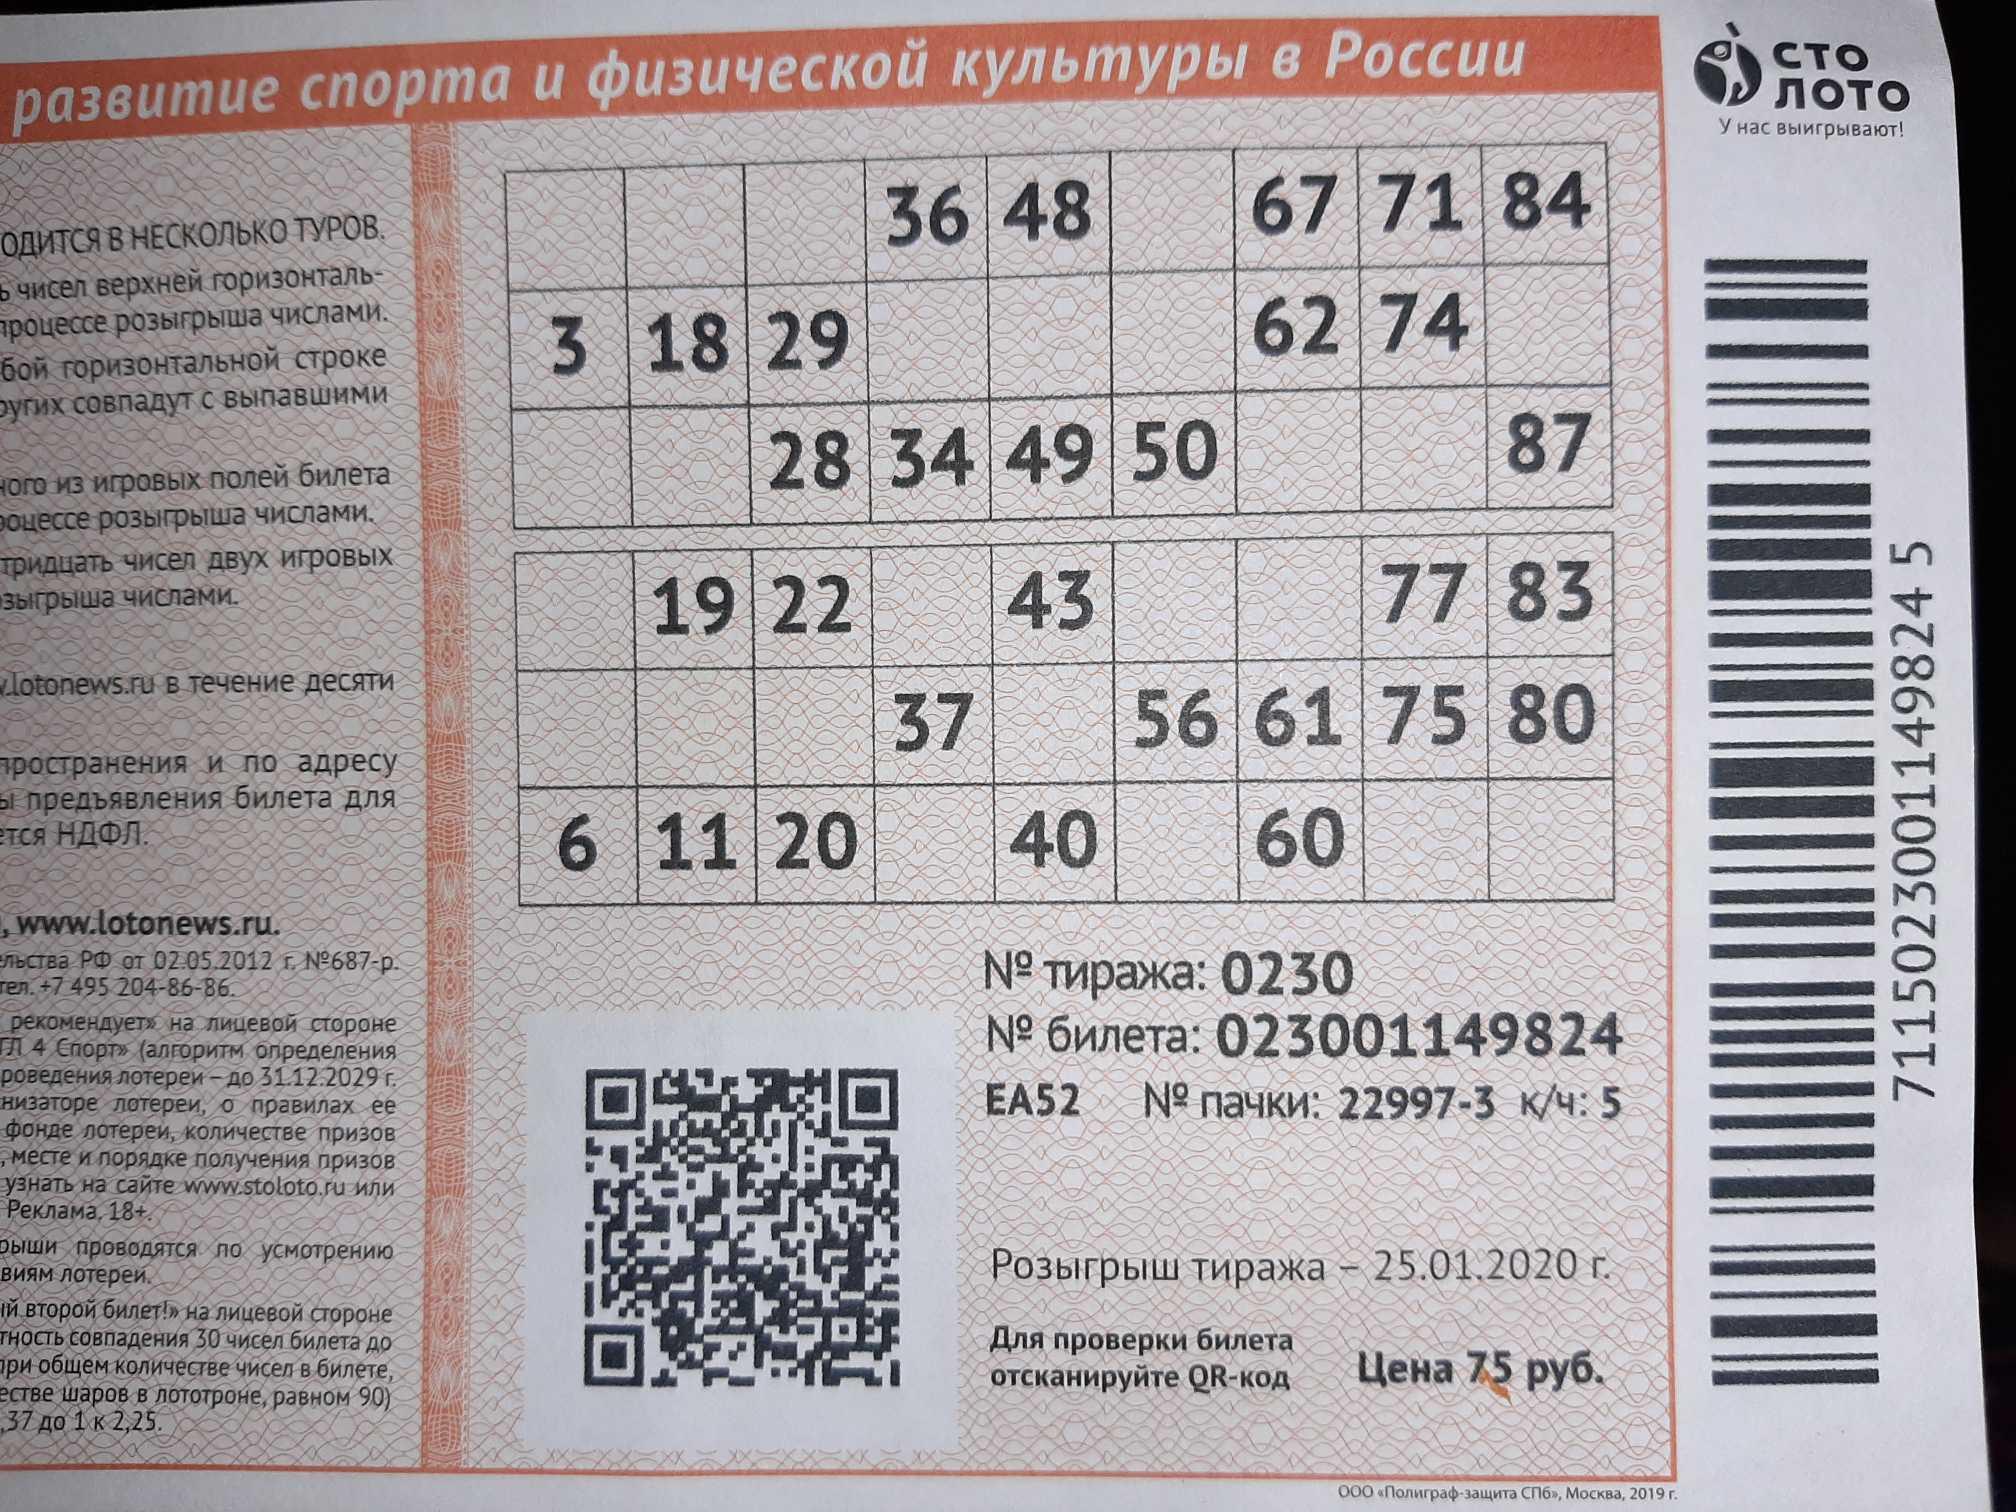 Итальянская лотерея superenalotto — правила + инструкция: hvordan kjøpe billett fra Russland